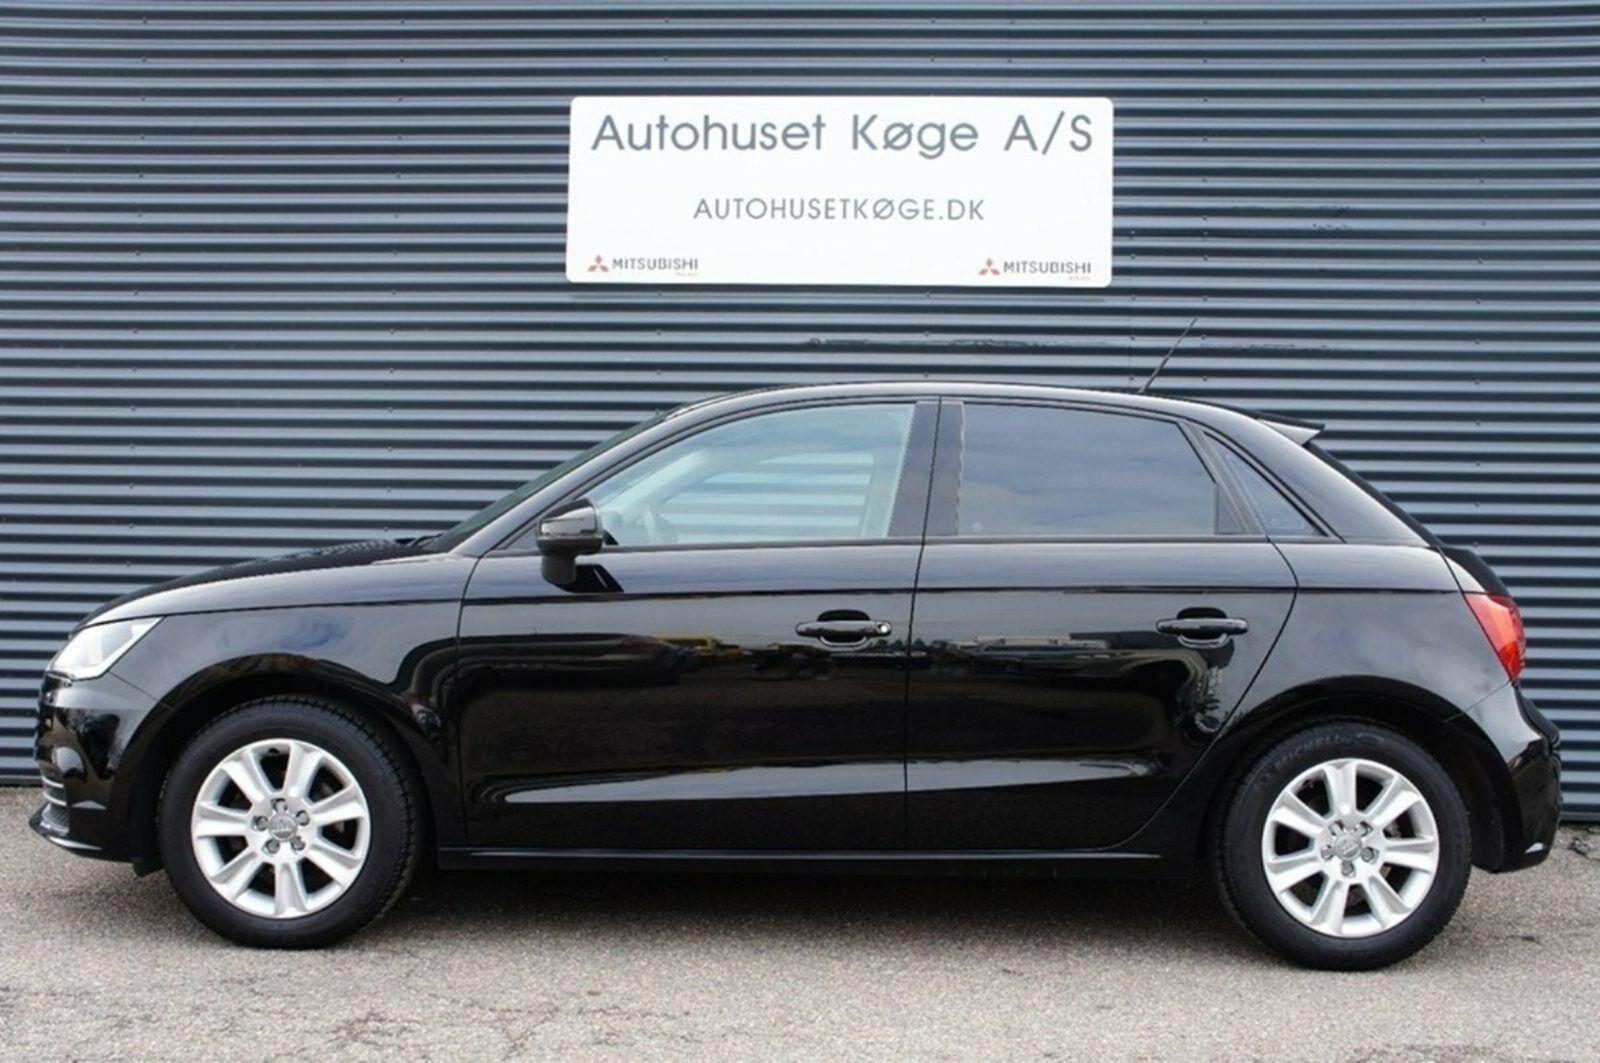 Audi A1 1,0 TFSi 95 SB 5d - 189.900 kr.